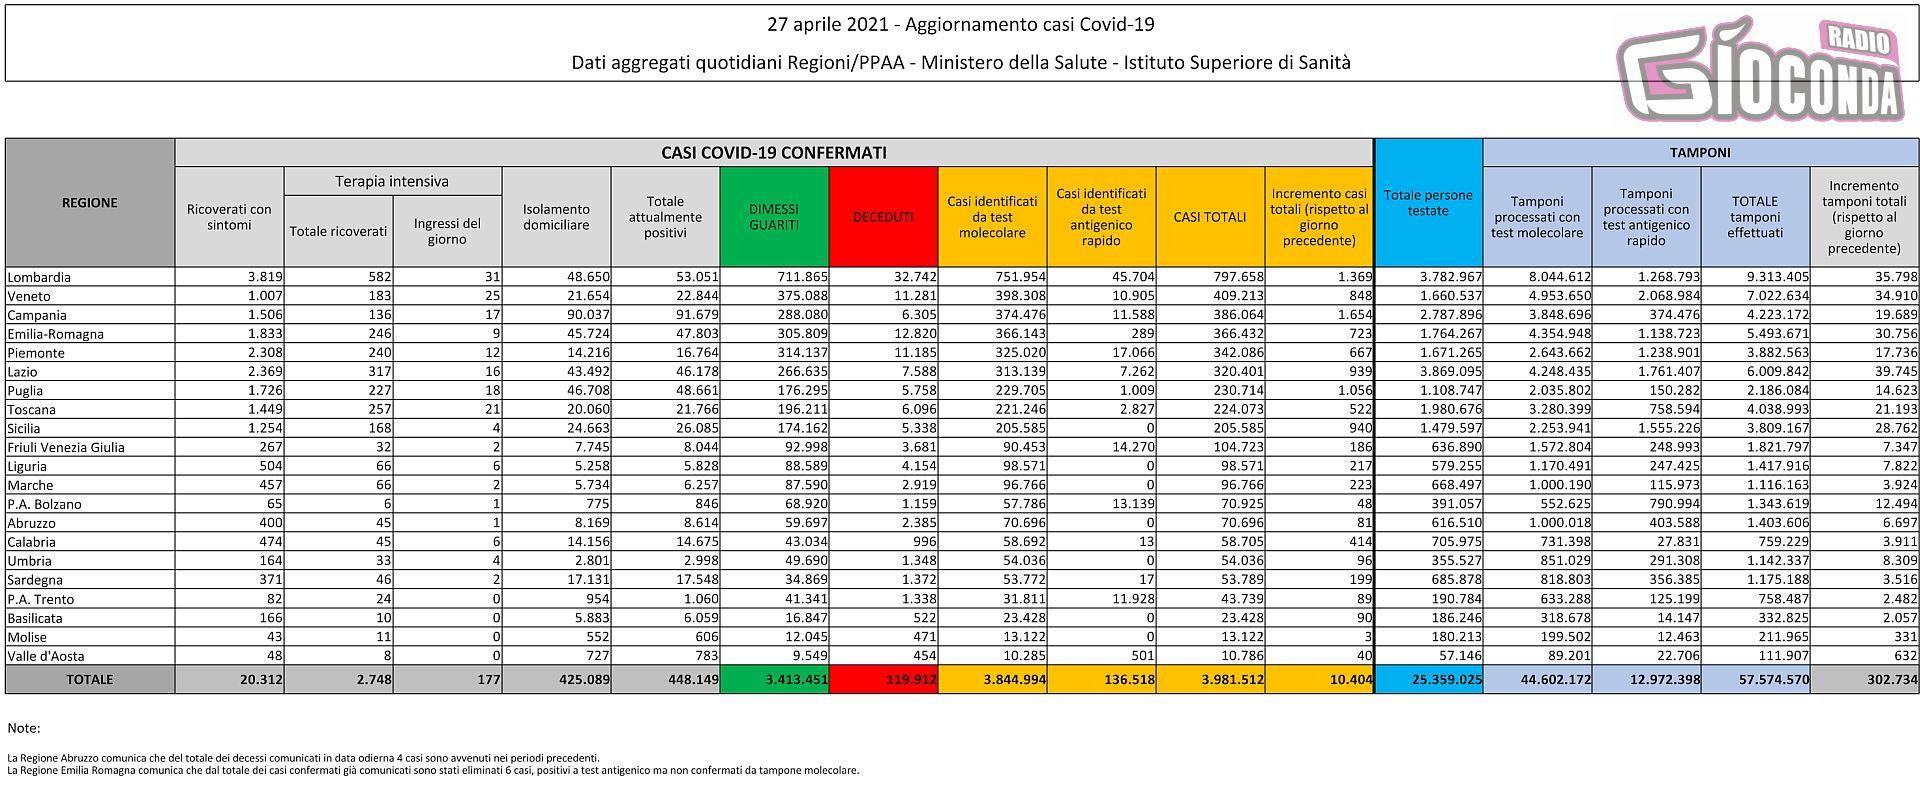 27 aprile 2021 - Aggiornamento casi Covid-19 Dati aggregati quotidiani Regioni/PPAA - Ministero della Salute - Istituto Superiore di Sanità